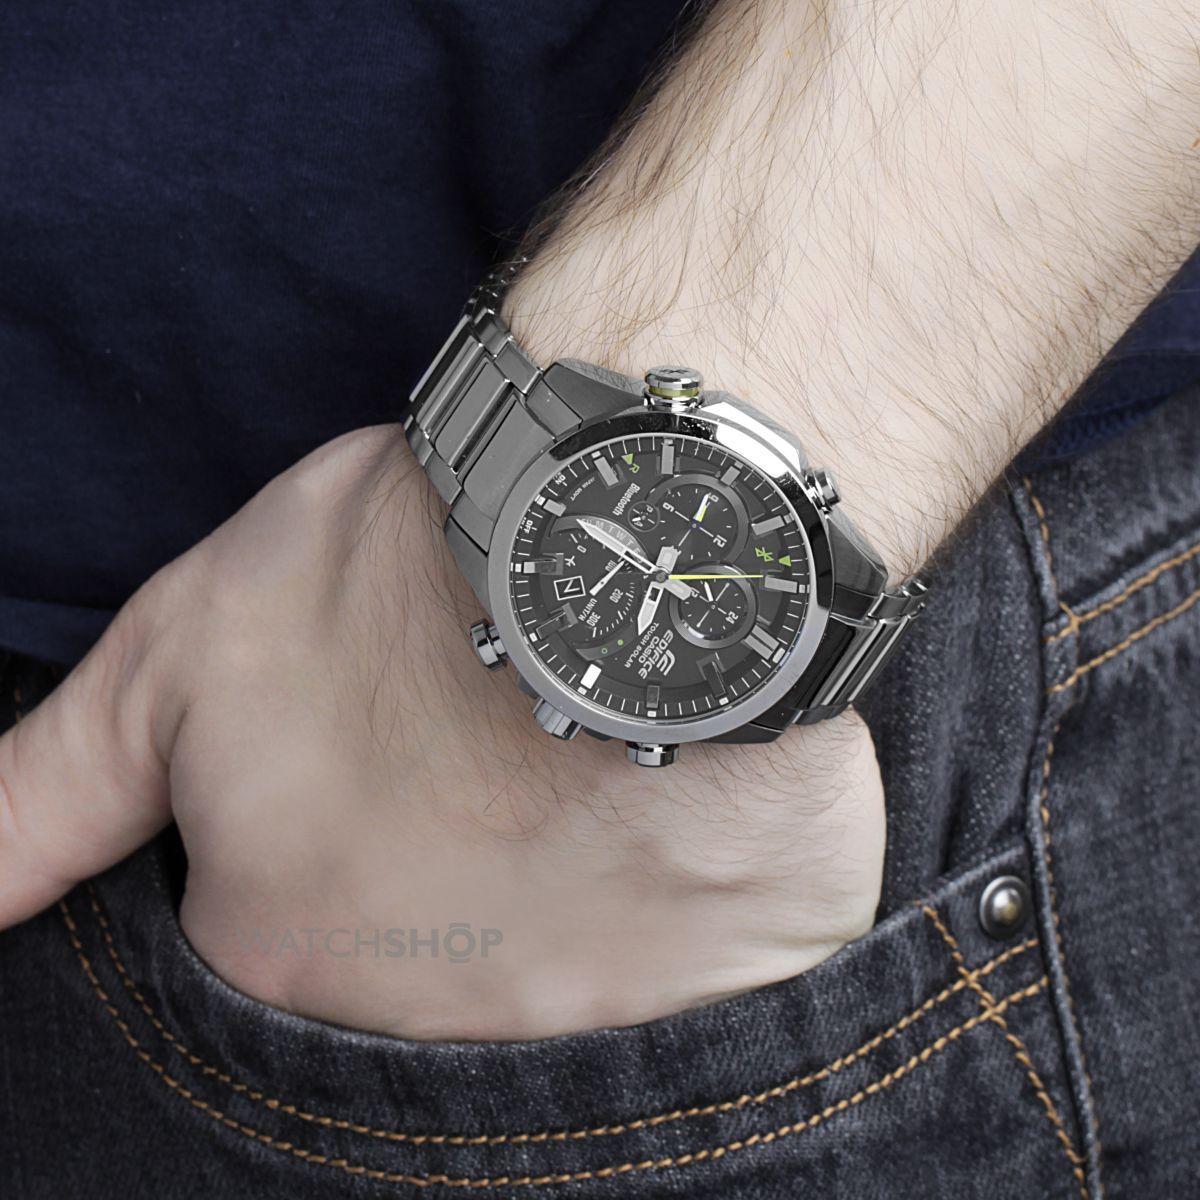 купить часы наручные мужские в гомеле зико